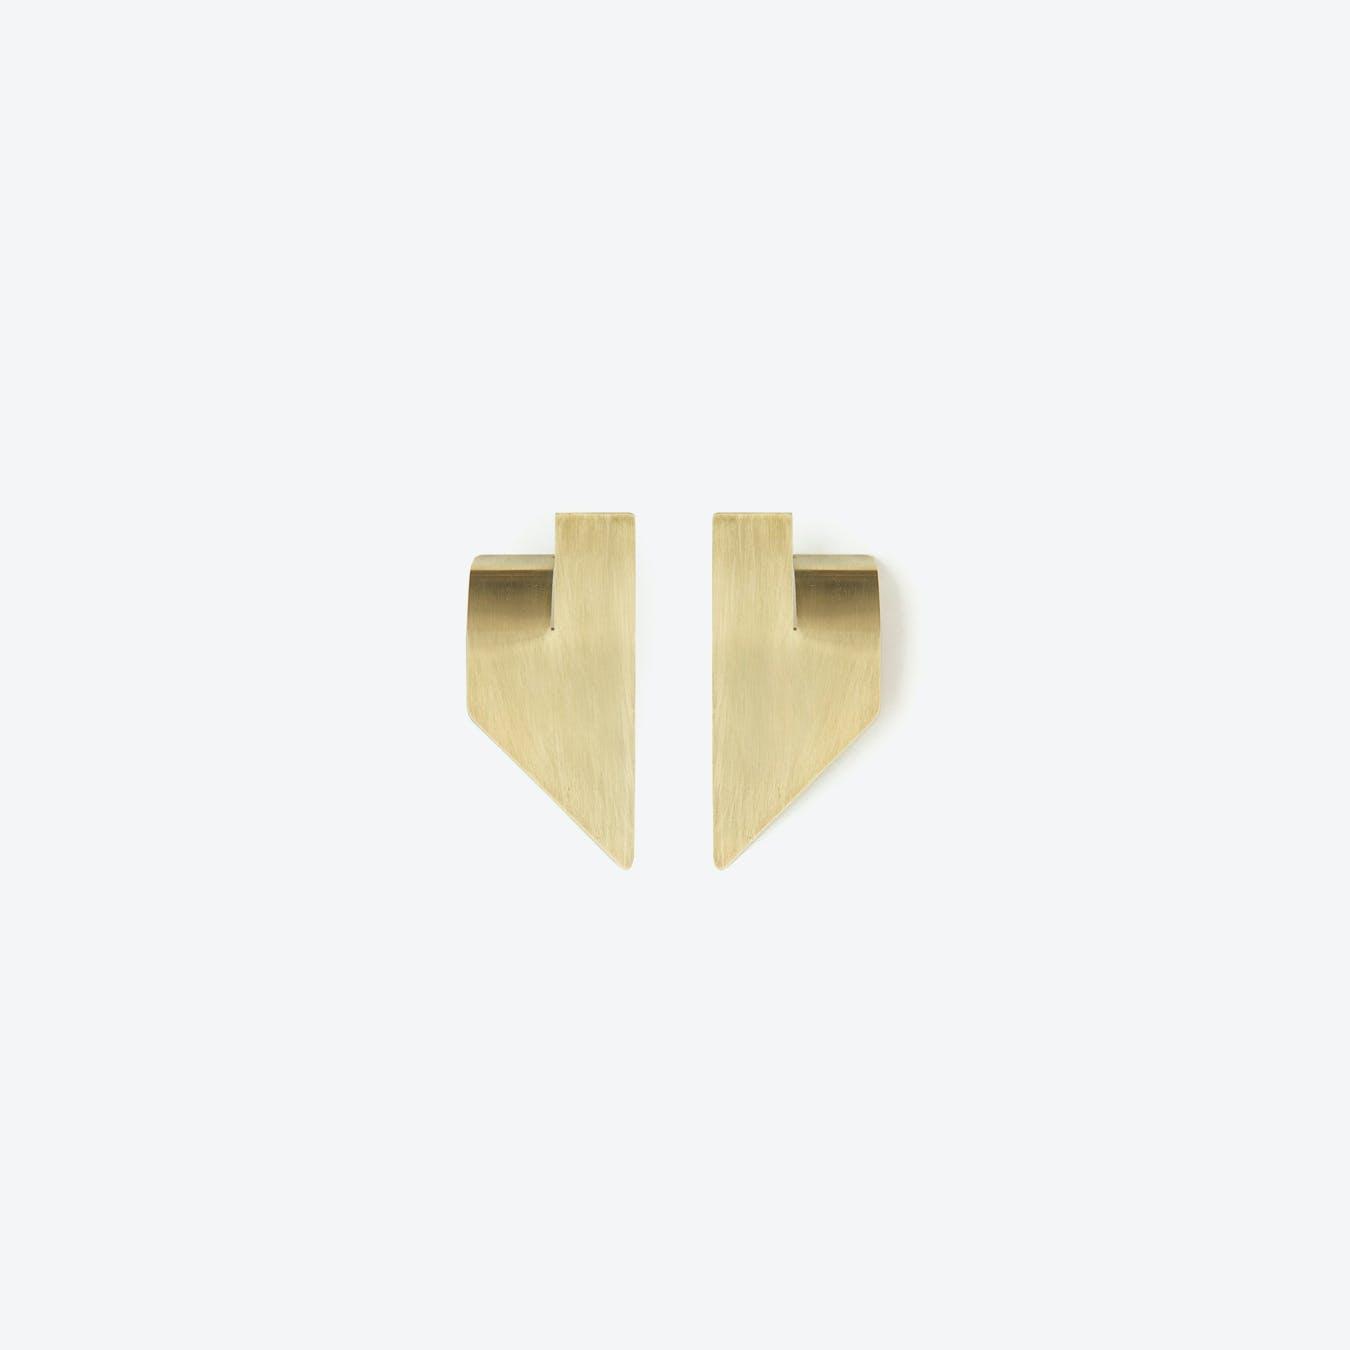 SLIT Earrings N°2 / Brass